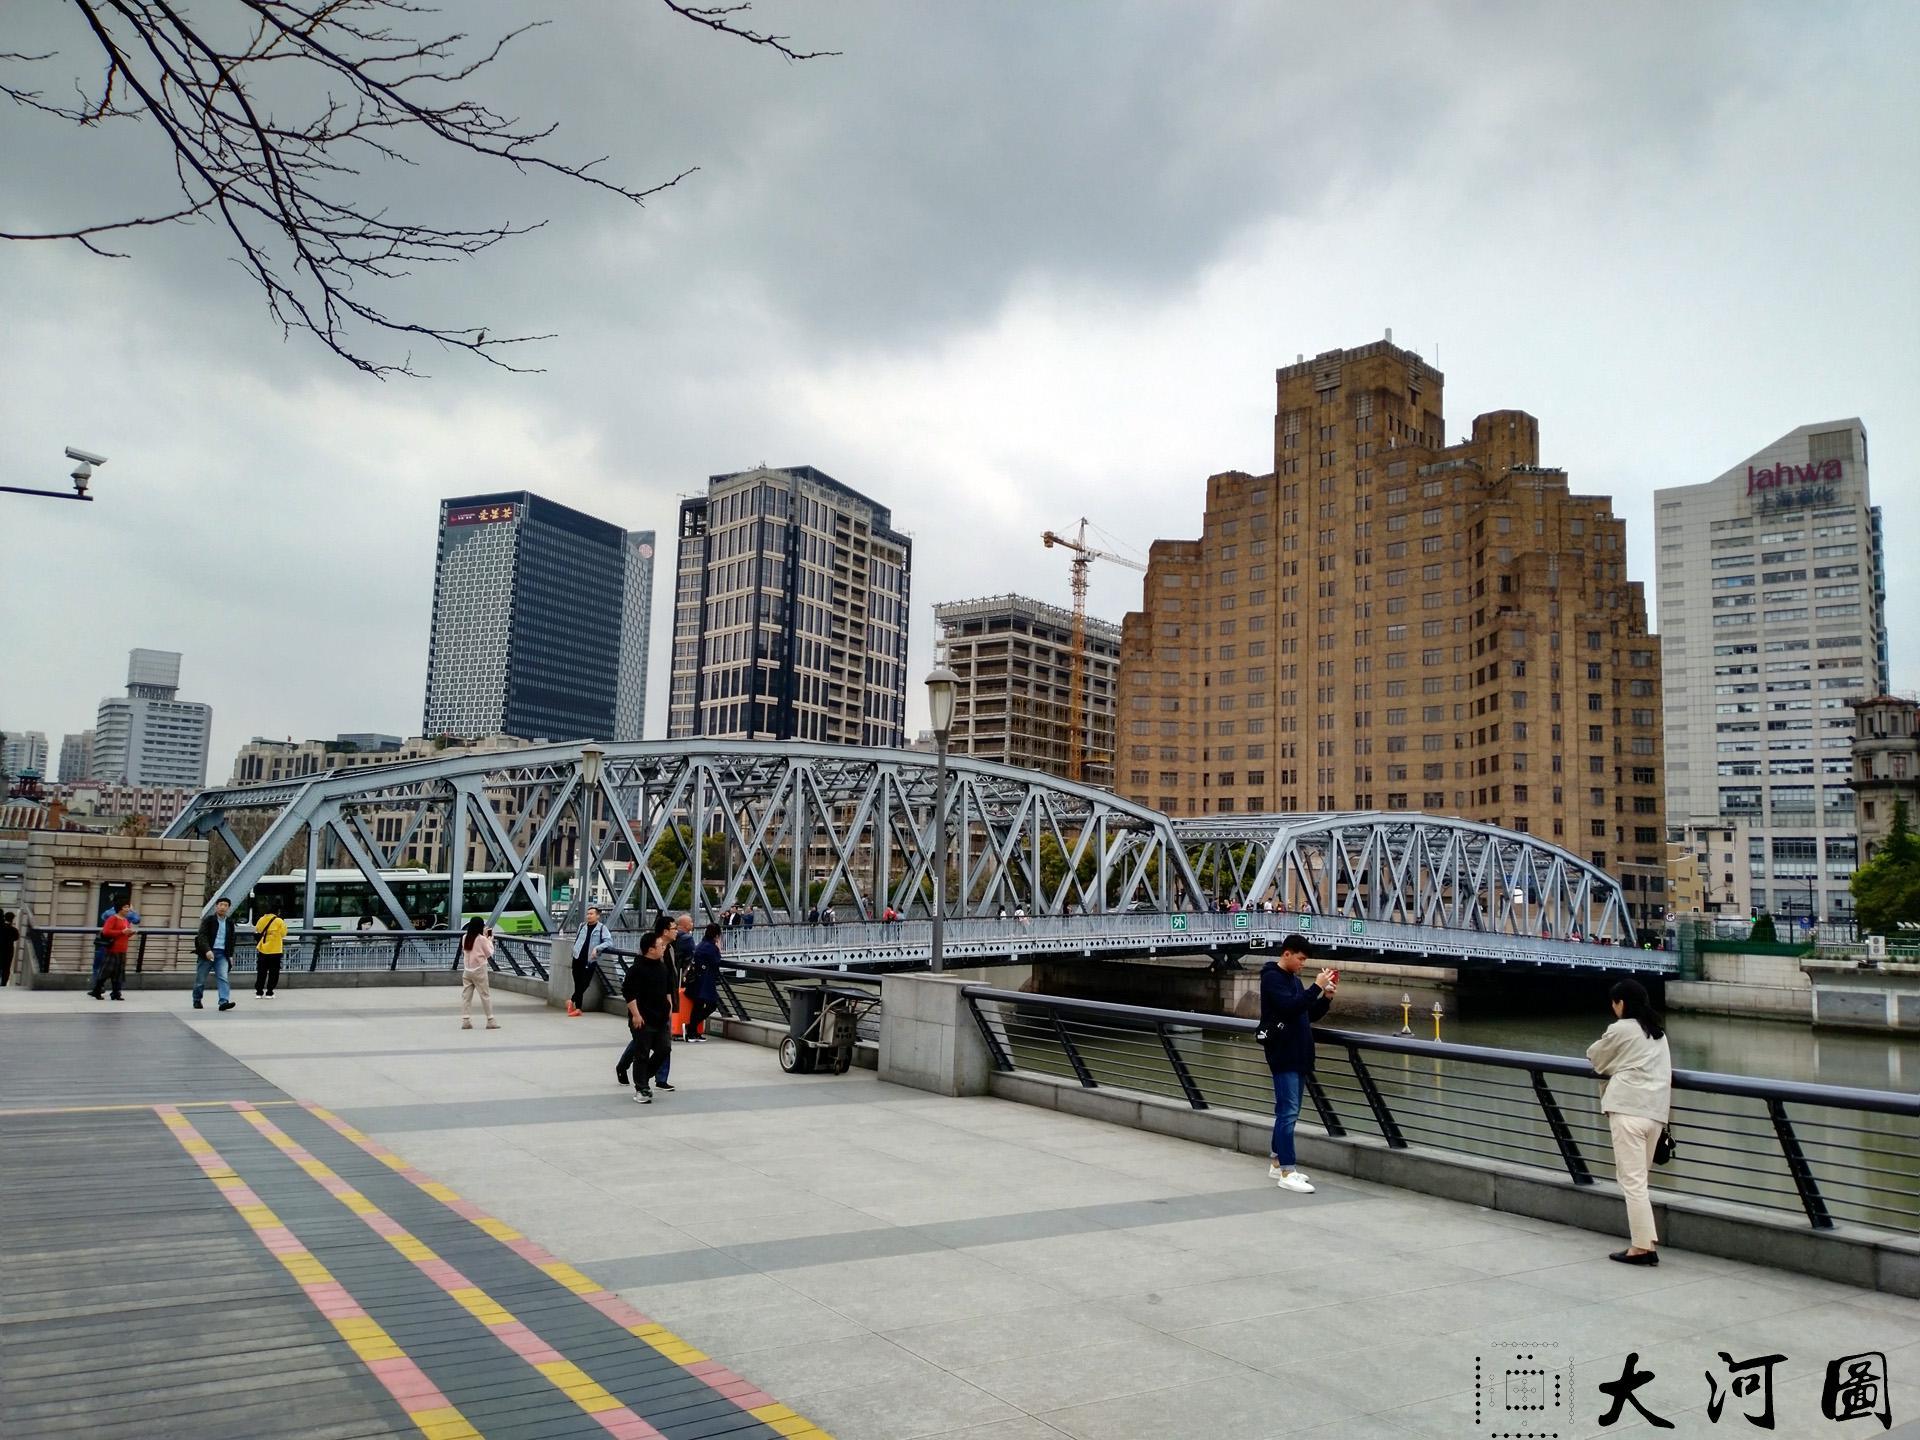 上海外白渡桥英文名称花园桥Garden Bridge of Shanghai 沧桑走过 摄影 第4张